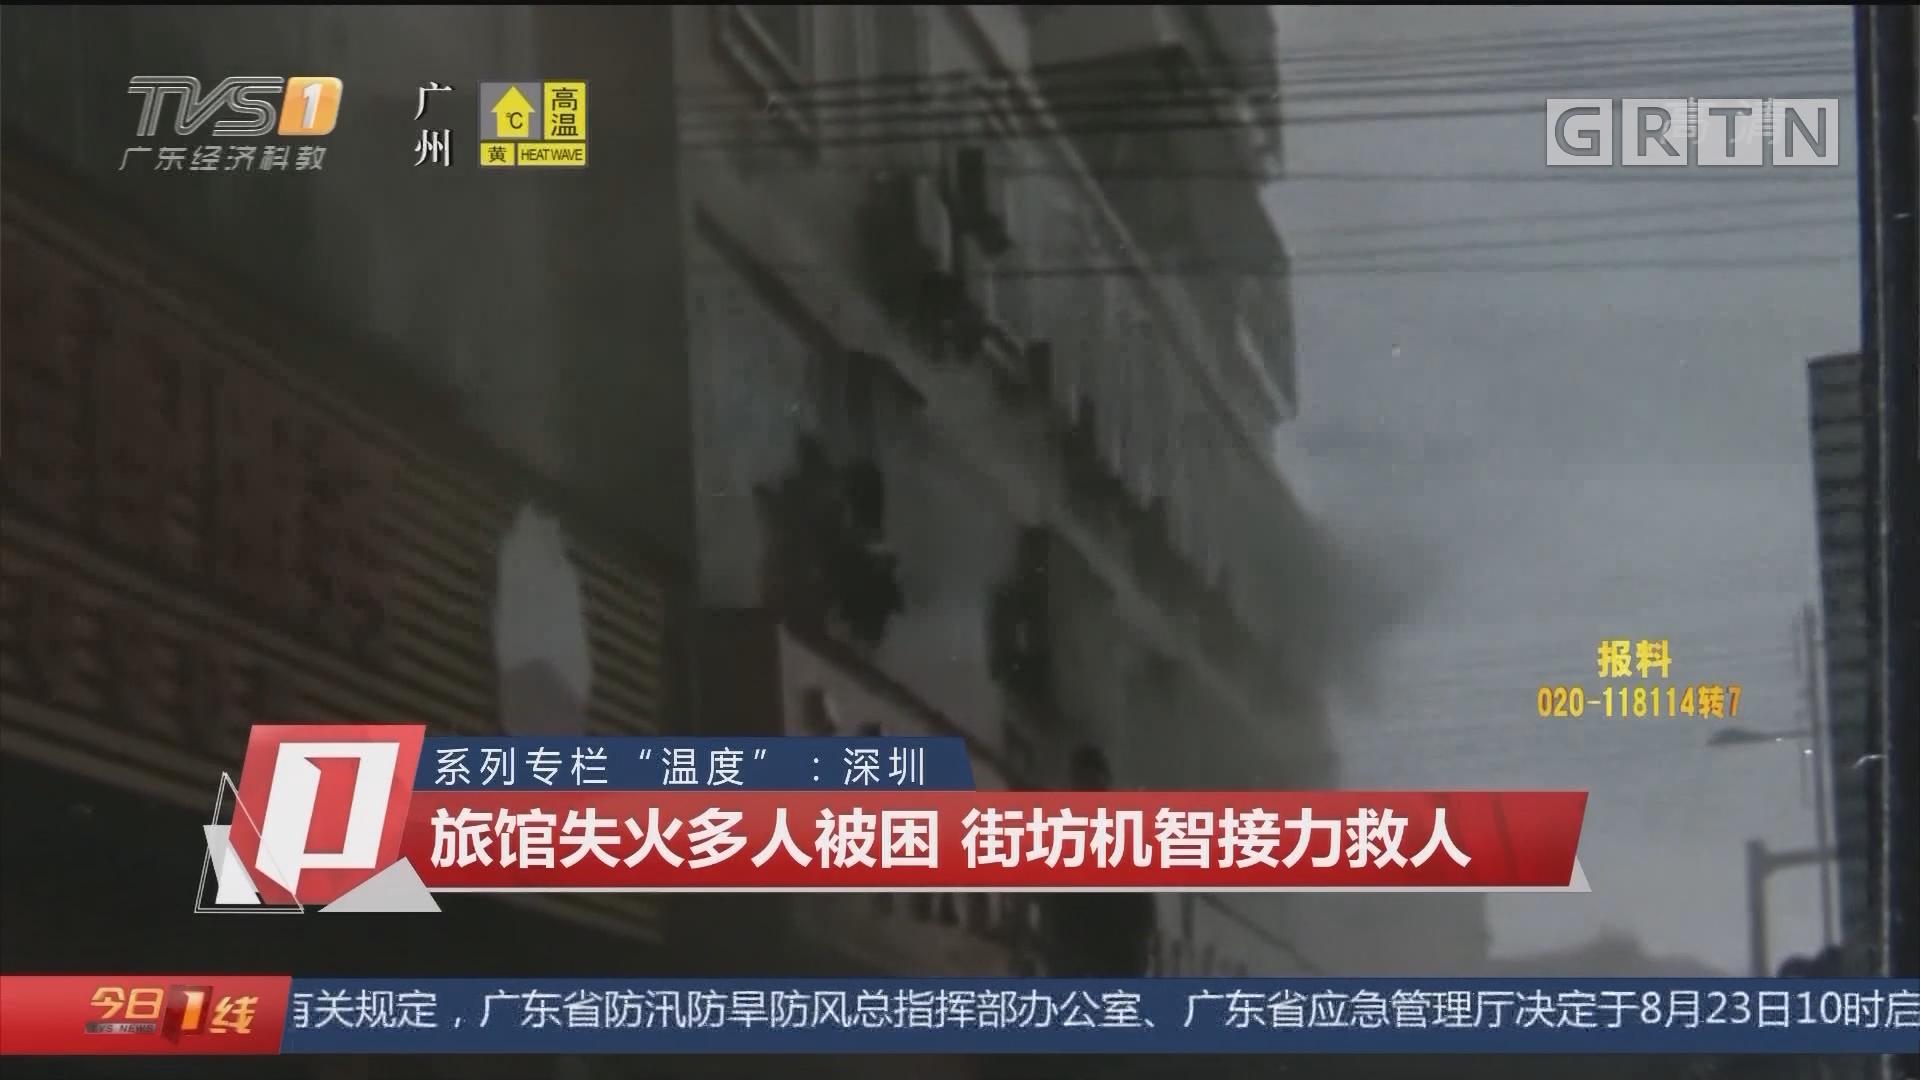 """系列专栏""""温度"""":深圳 旅馆失火多人被困 街坊机智接力救人"""